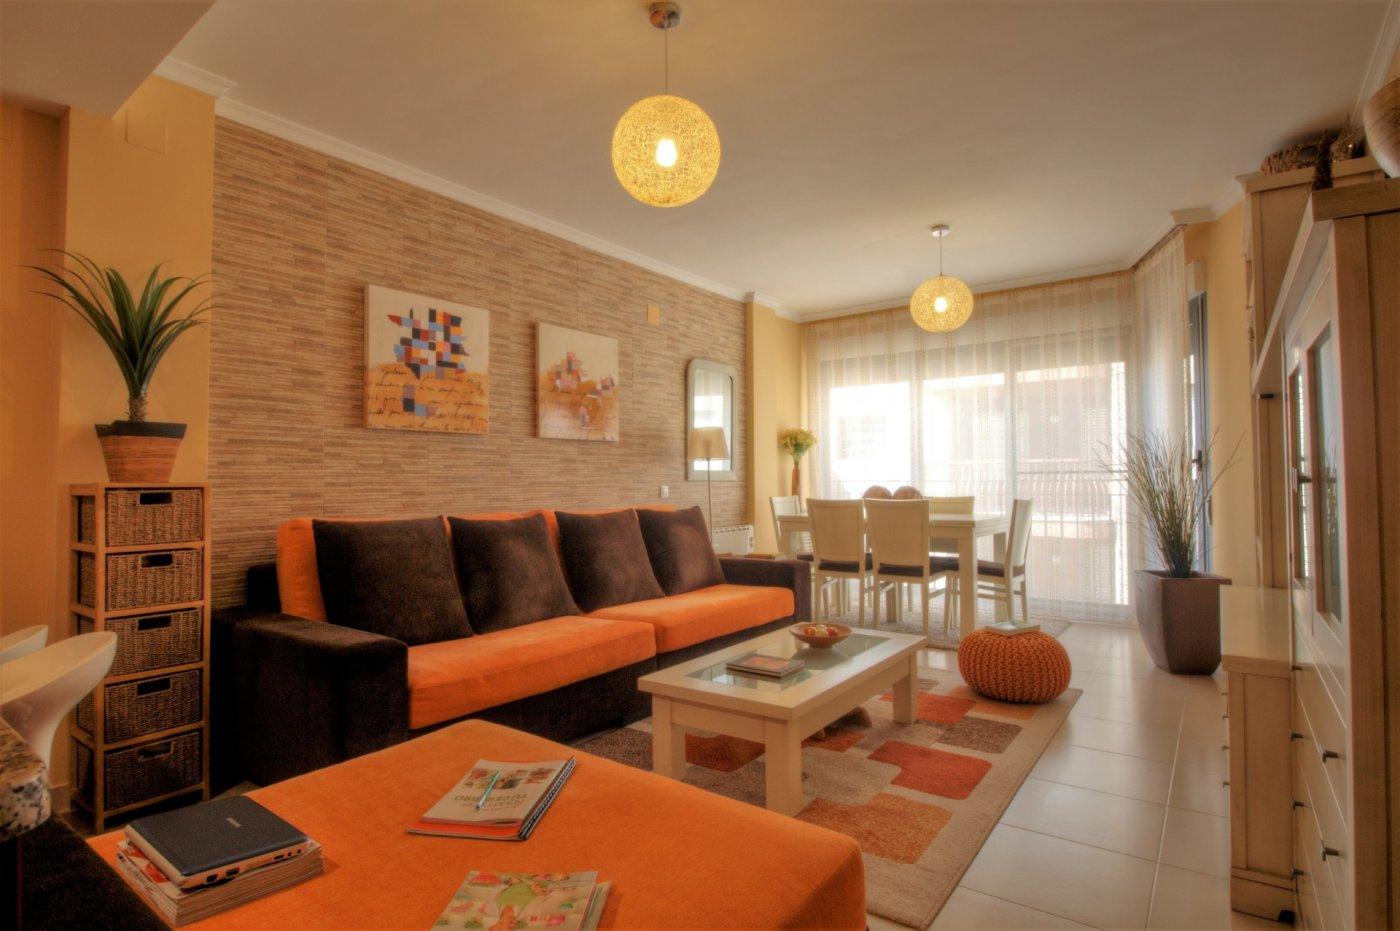 Duplex 124 sq m